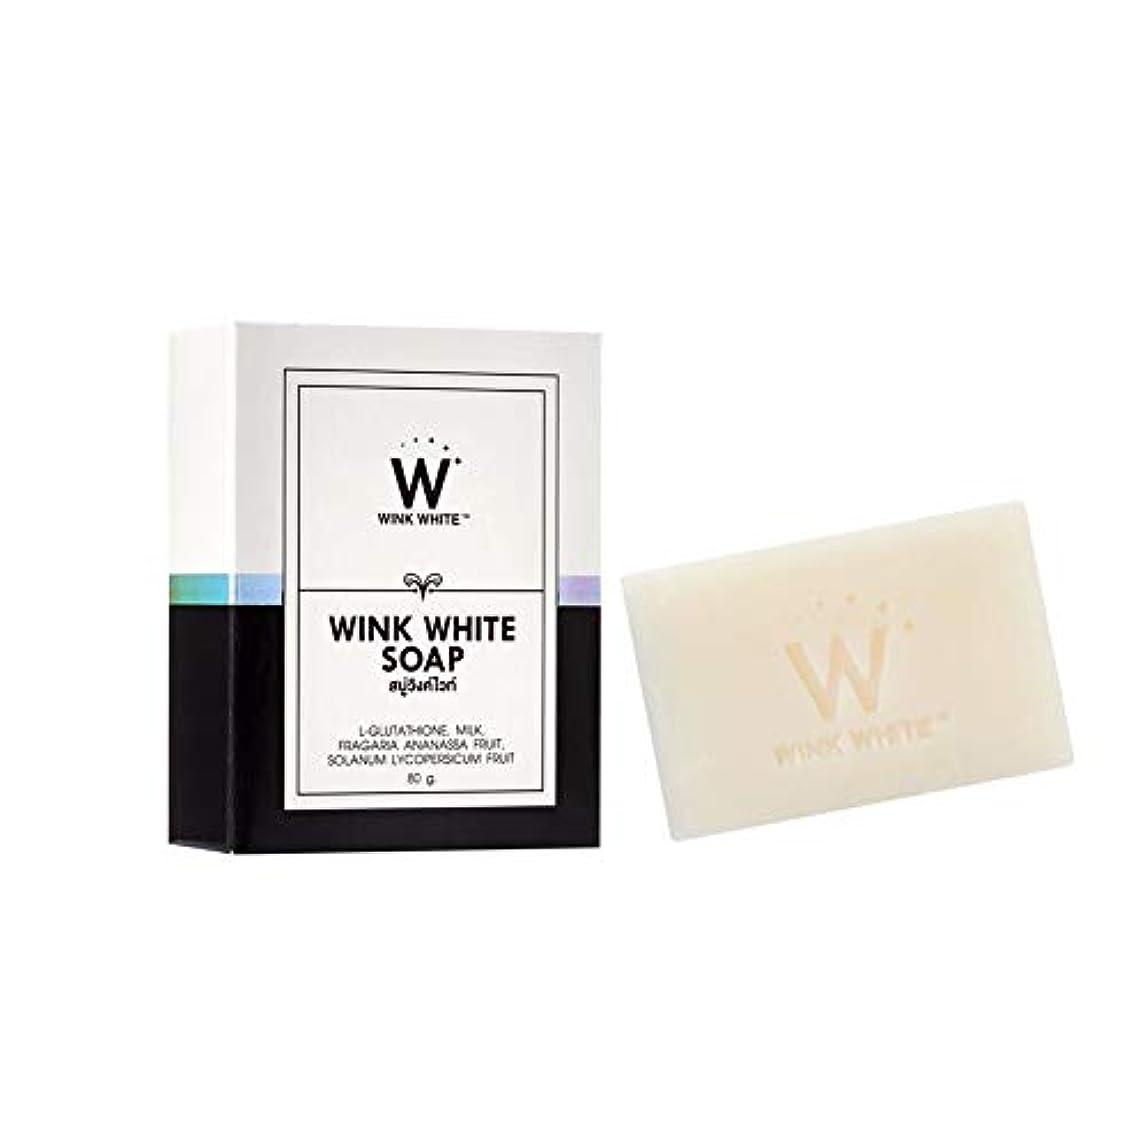 スパークダウンジェームズダイソンSoap Net Nature White Soap Base Wink White Soap Gluta Pure Skin Body Whitening Strawberry for Whitening Skin All...